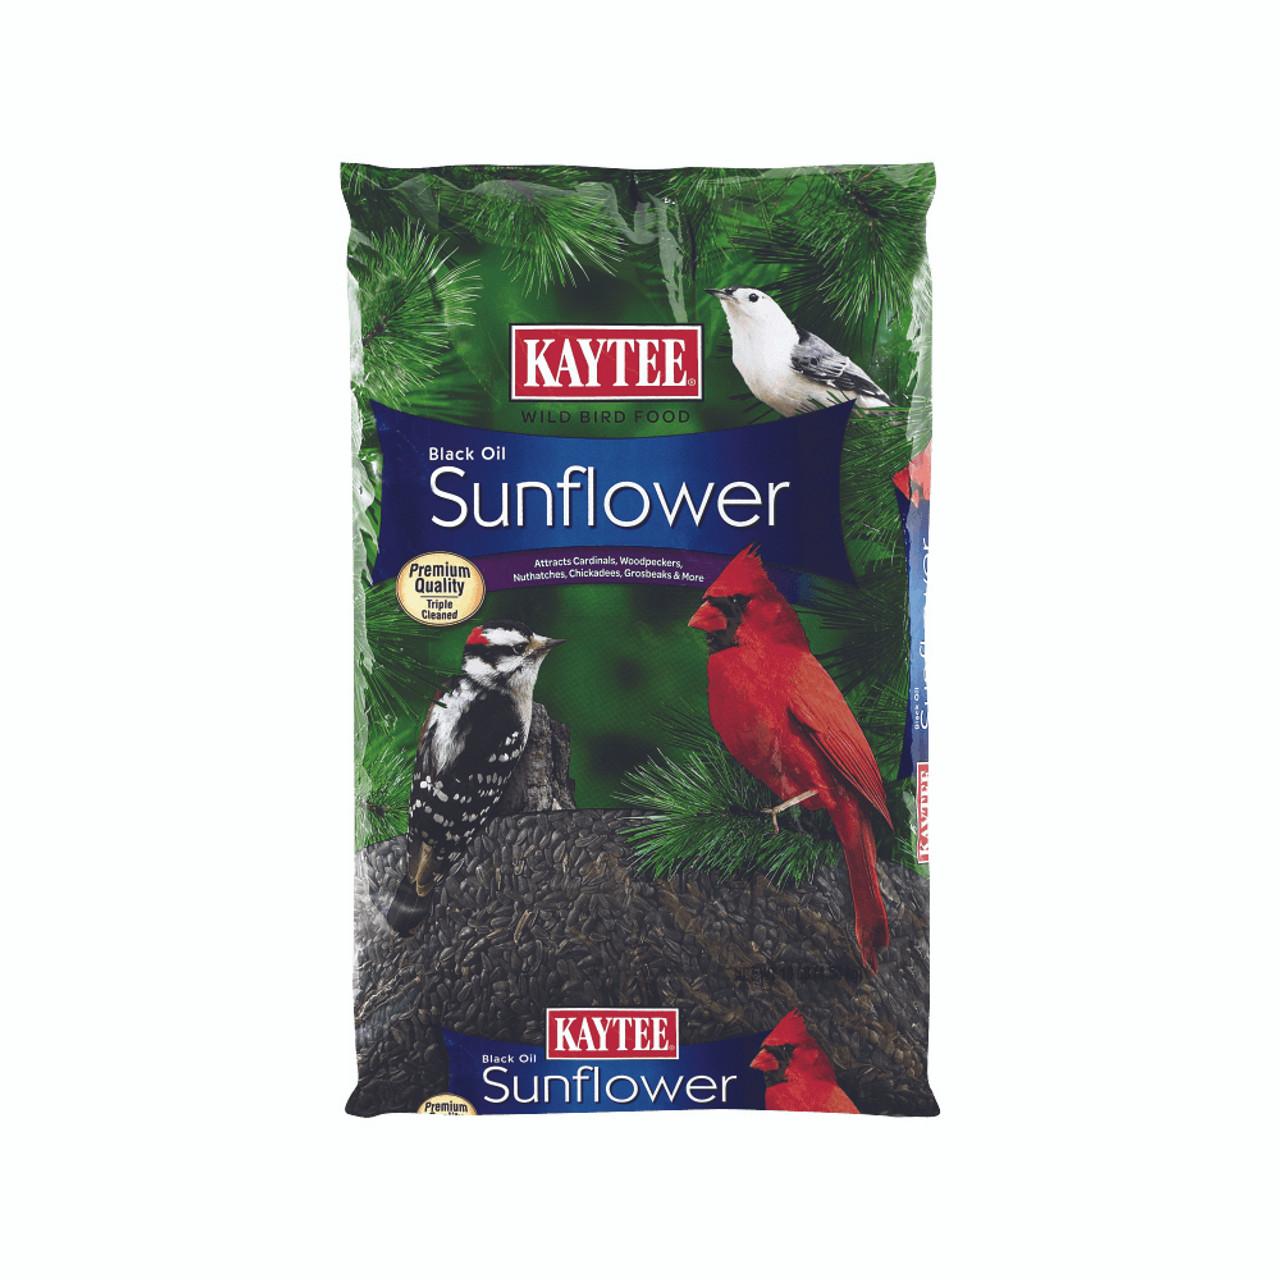 Kaytee Black Oil Sunflower for Wild Birds